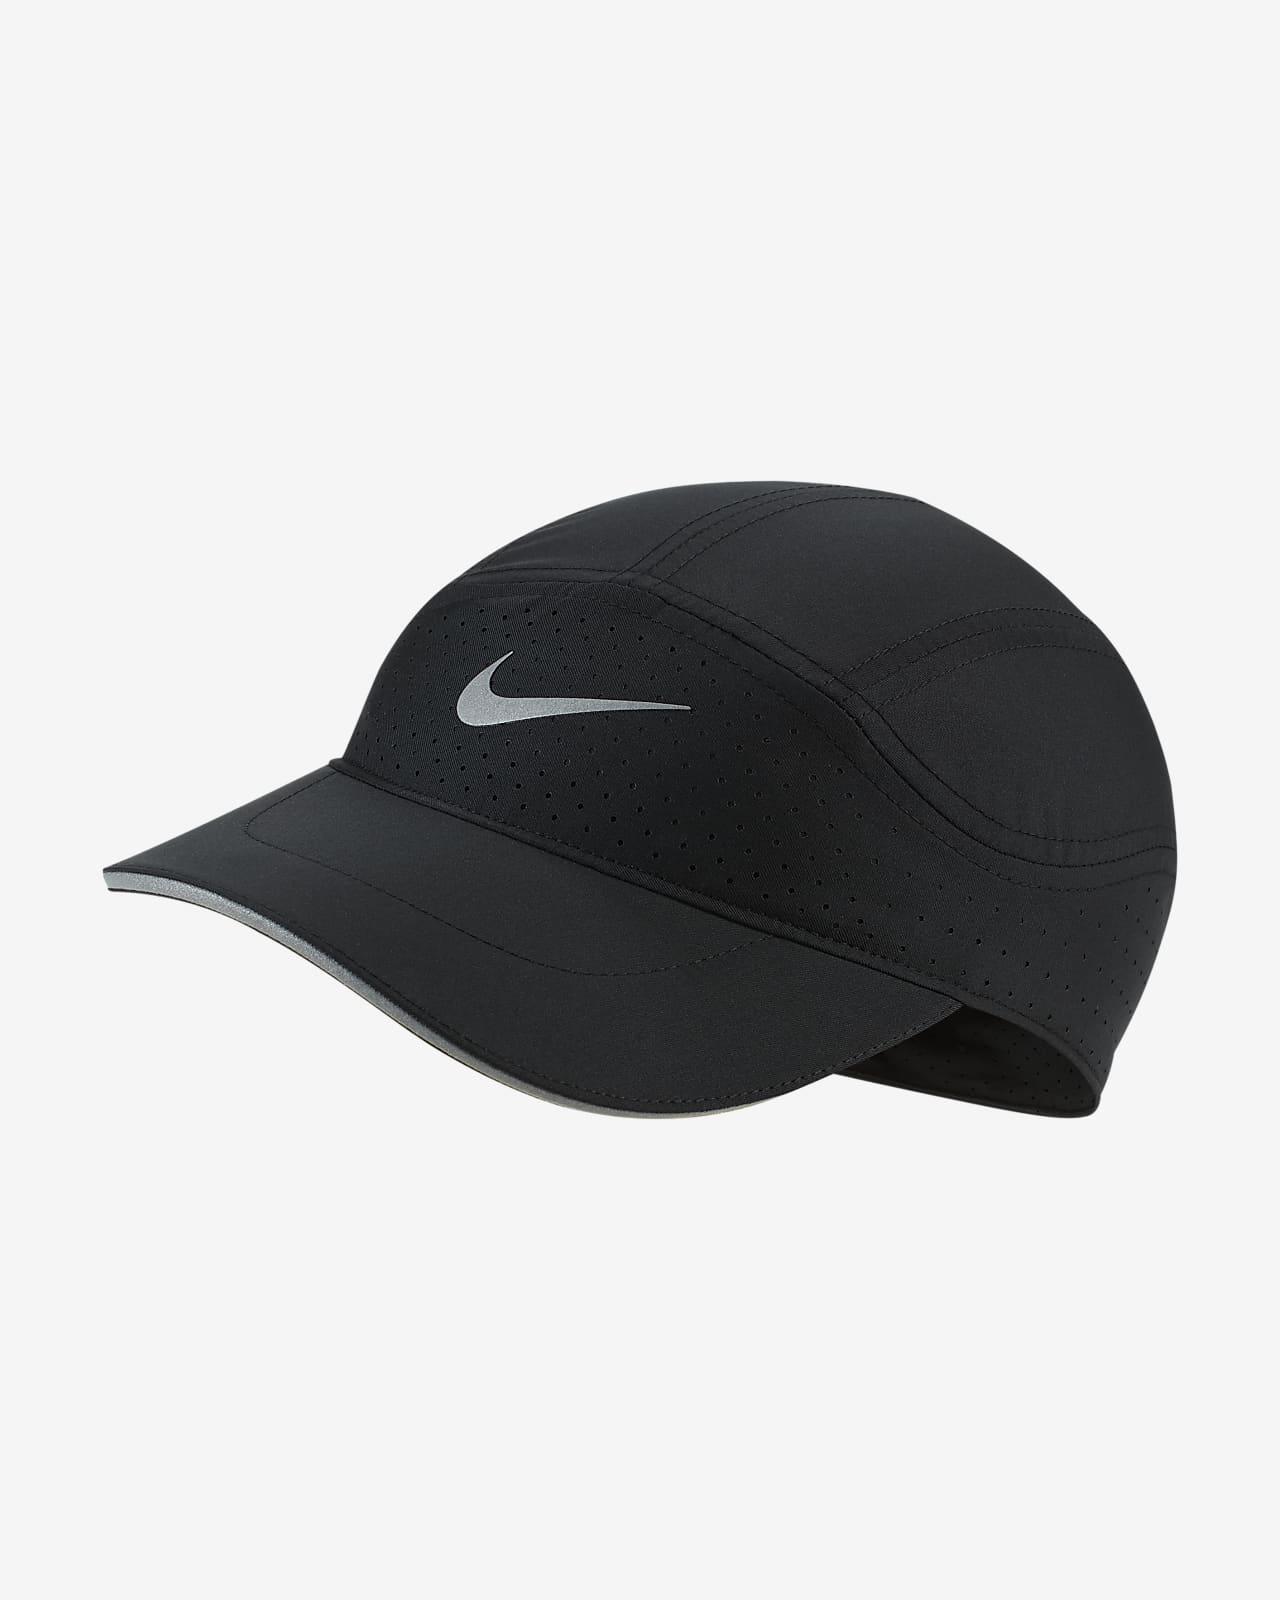 Casquette de running Nike AeroBill Tailwind